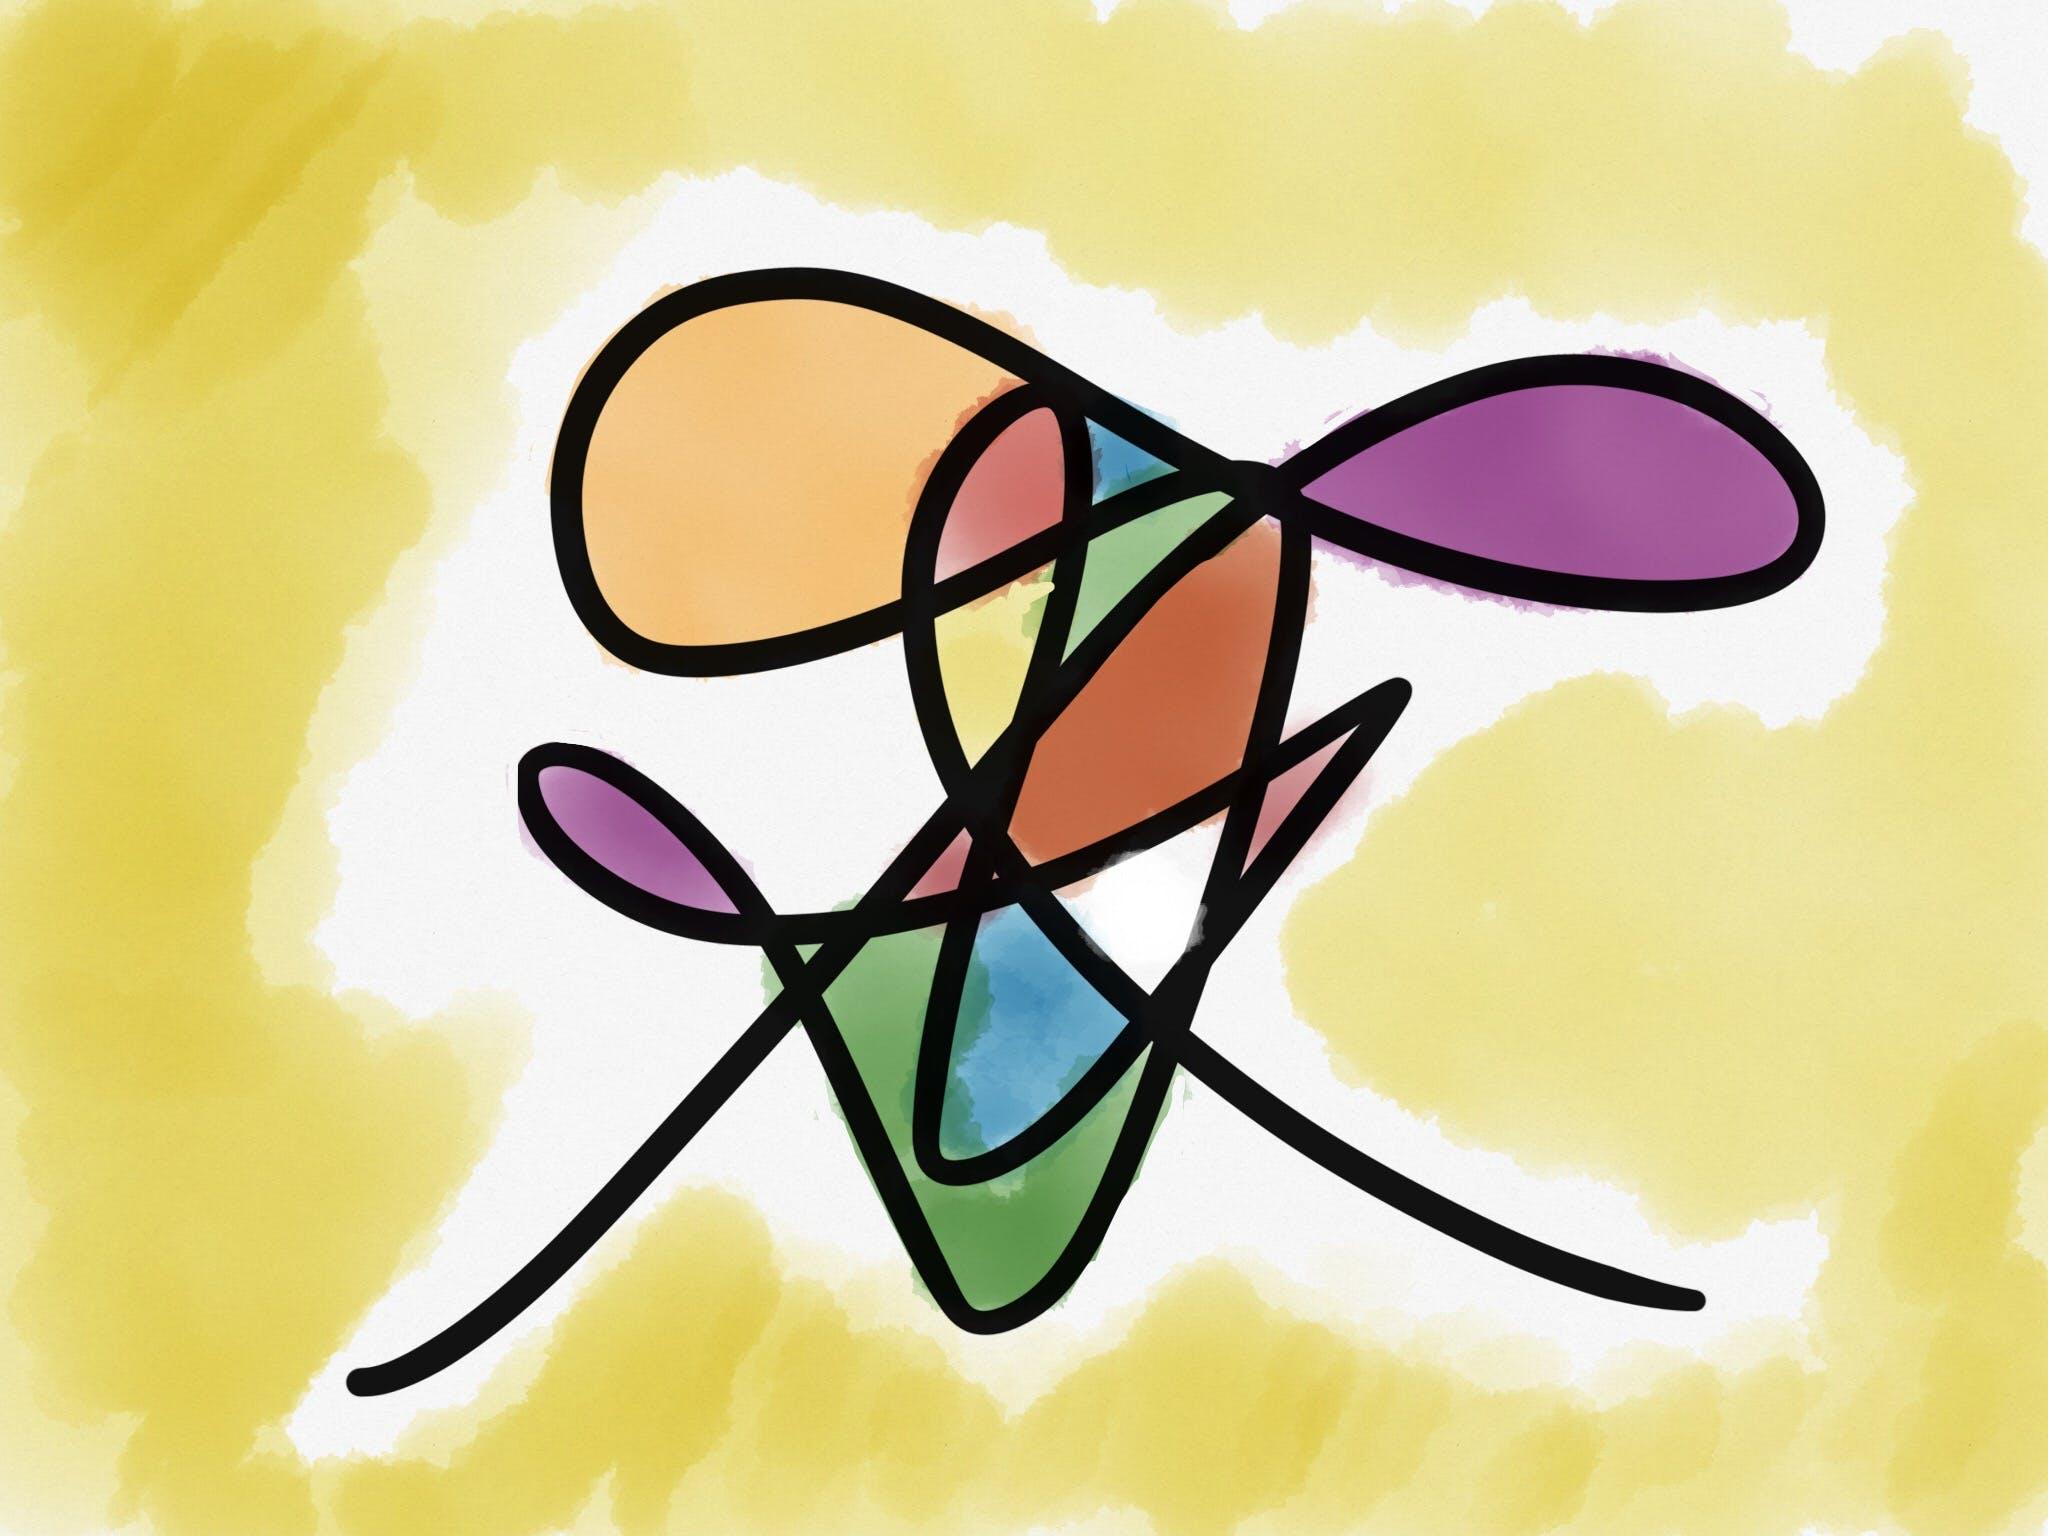 Gratis arkivbilde med farger, fargerik, illustrasjon, inspirasjon